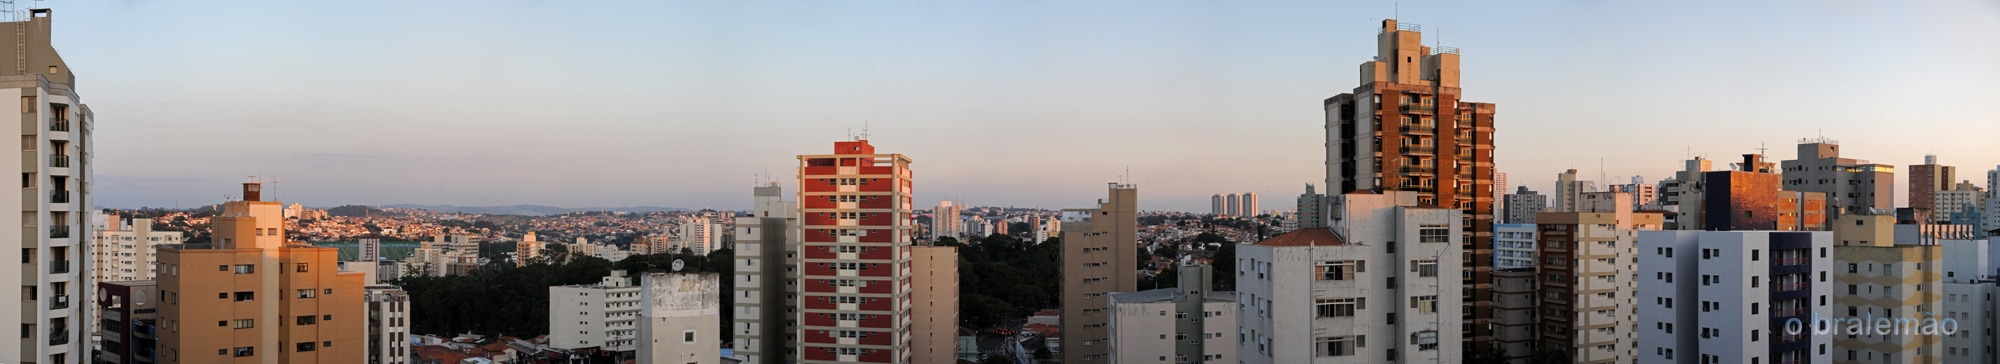 panorâmica do centro, Campinas